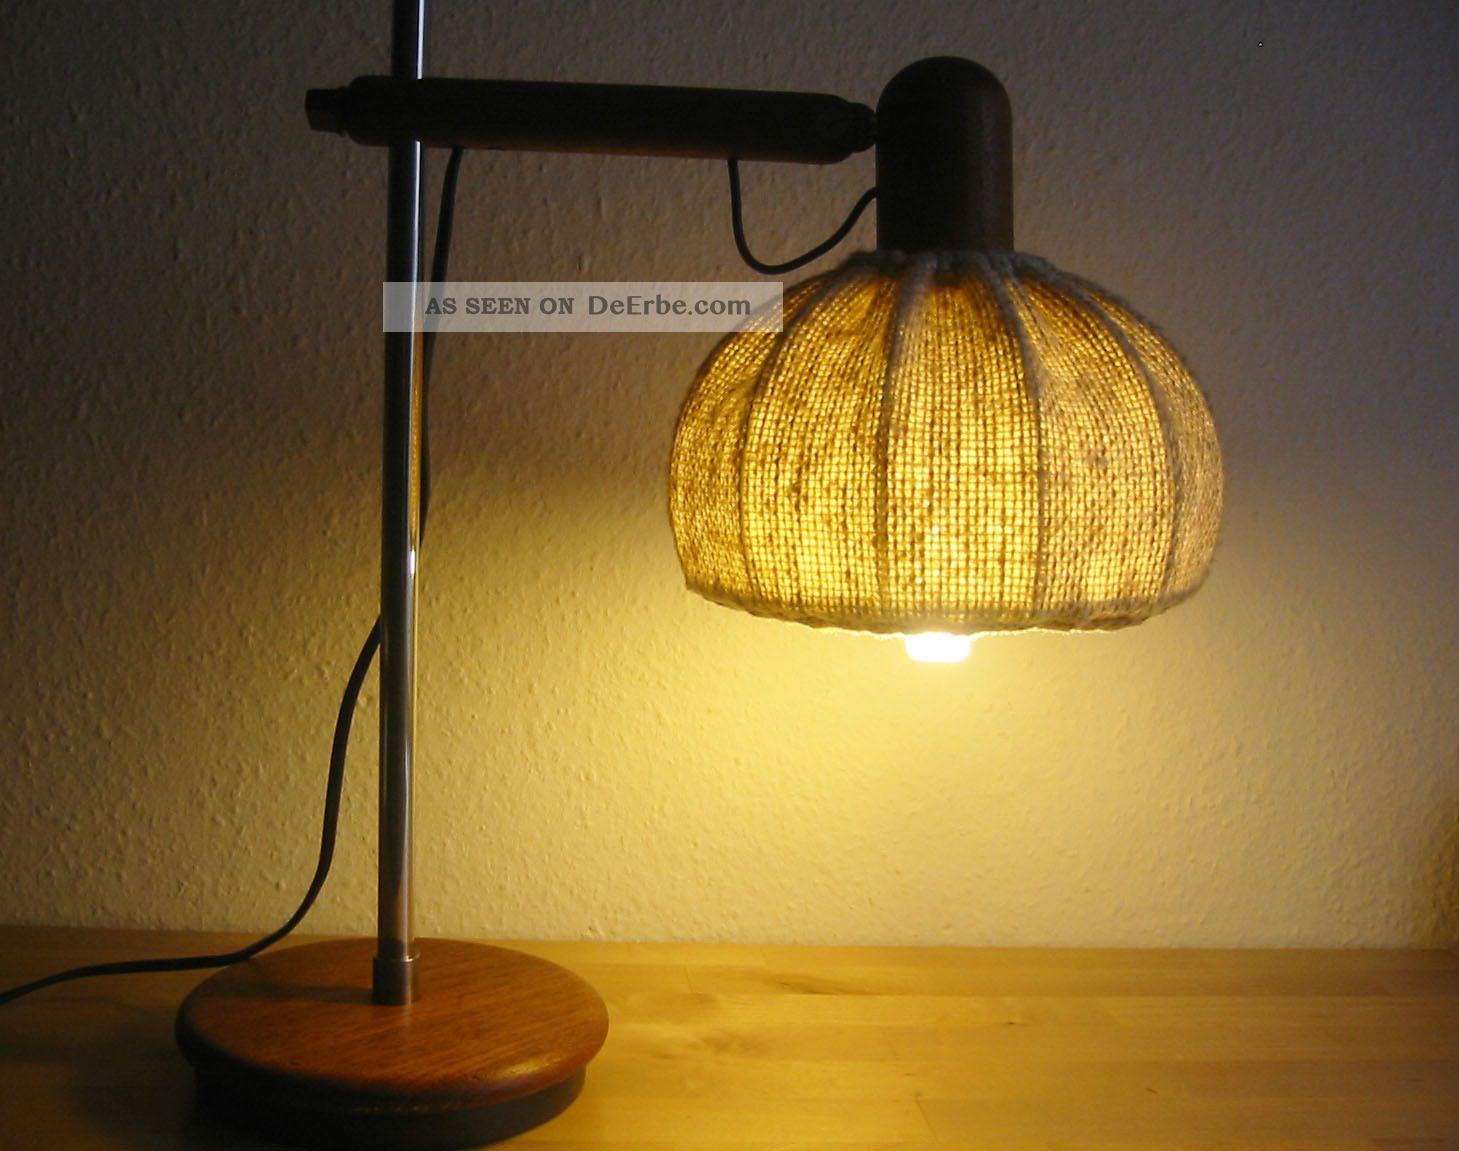 tischlampe danish design teak holz lampenschirm aus stoff. Black Bedroom Furniture Sets. Home Design Ideas